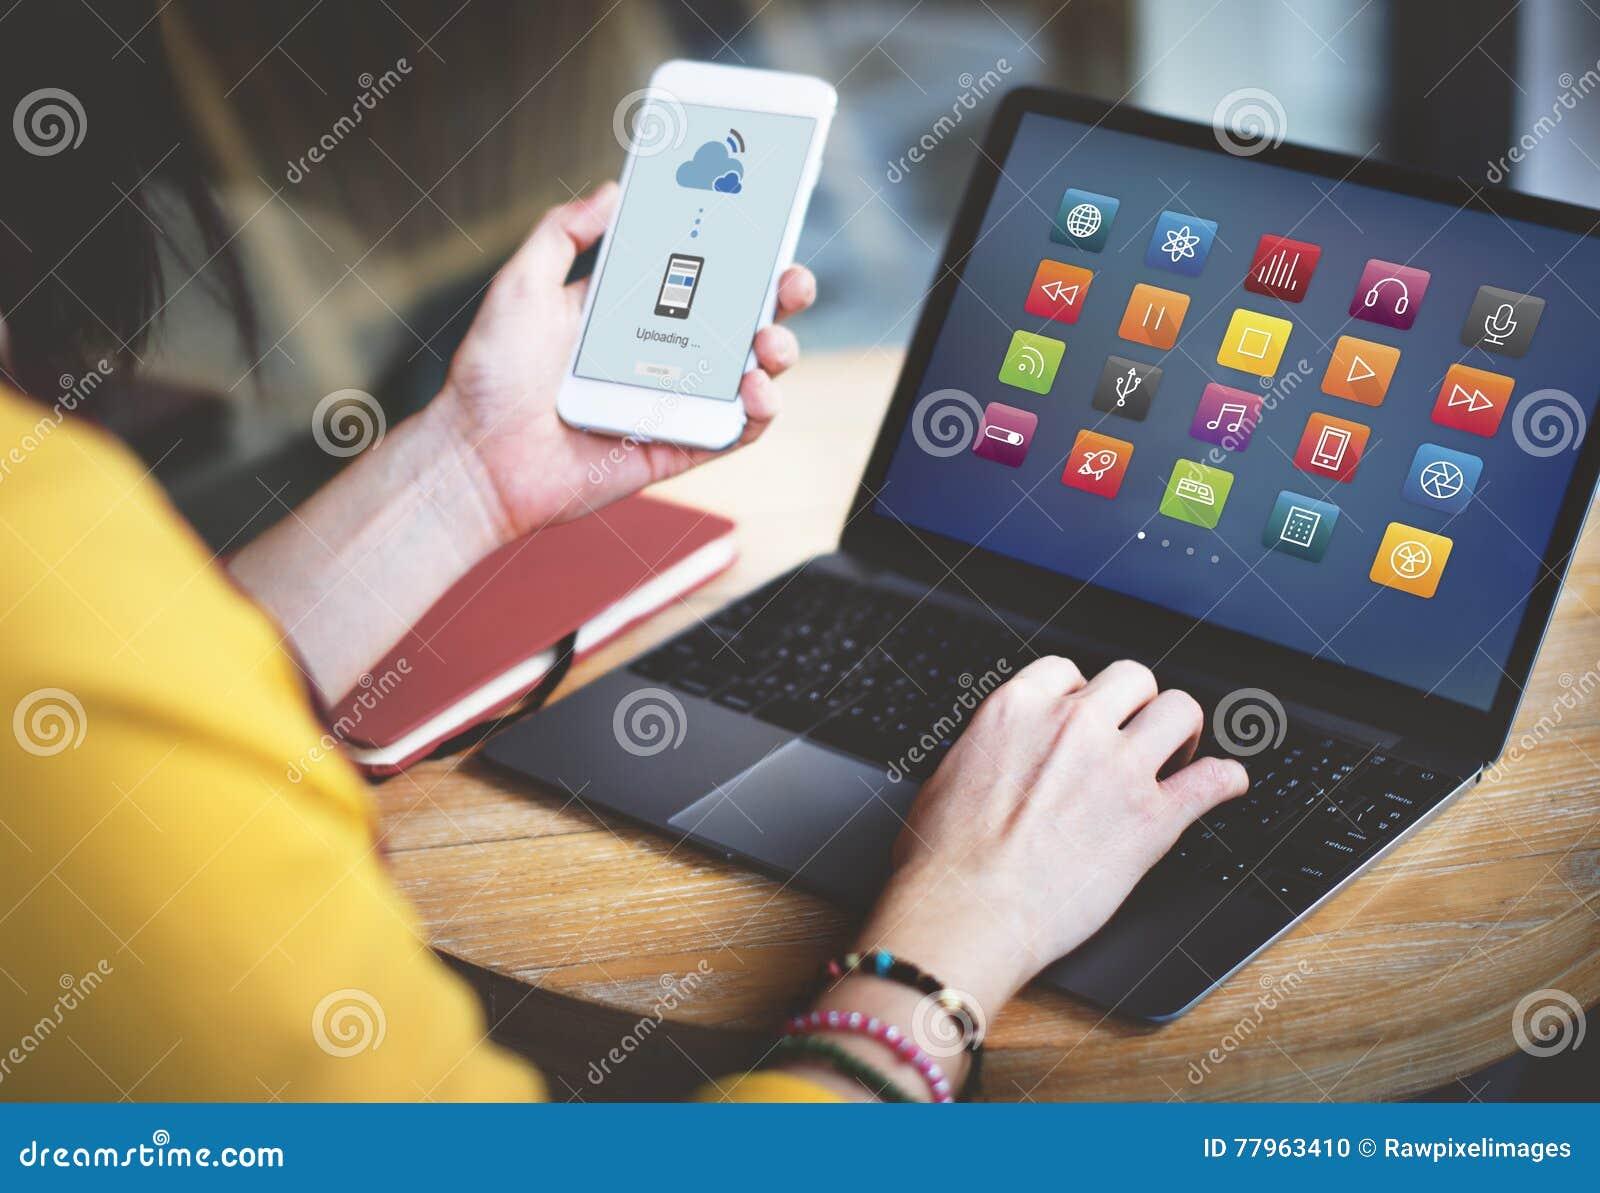 Begrepp för Digitalt innehåll för multimediaanslutning futuristiskt